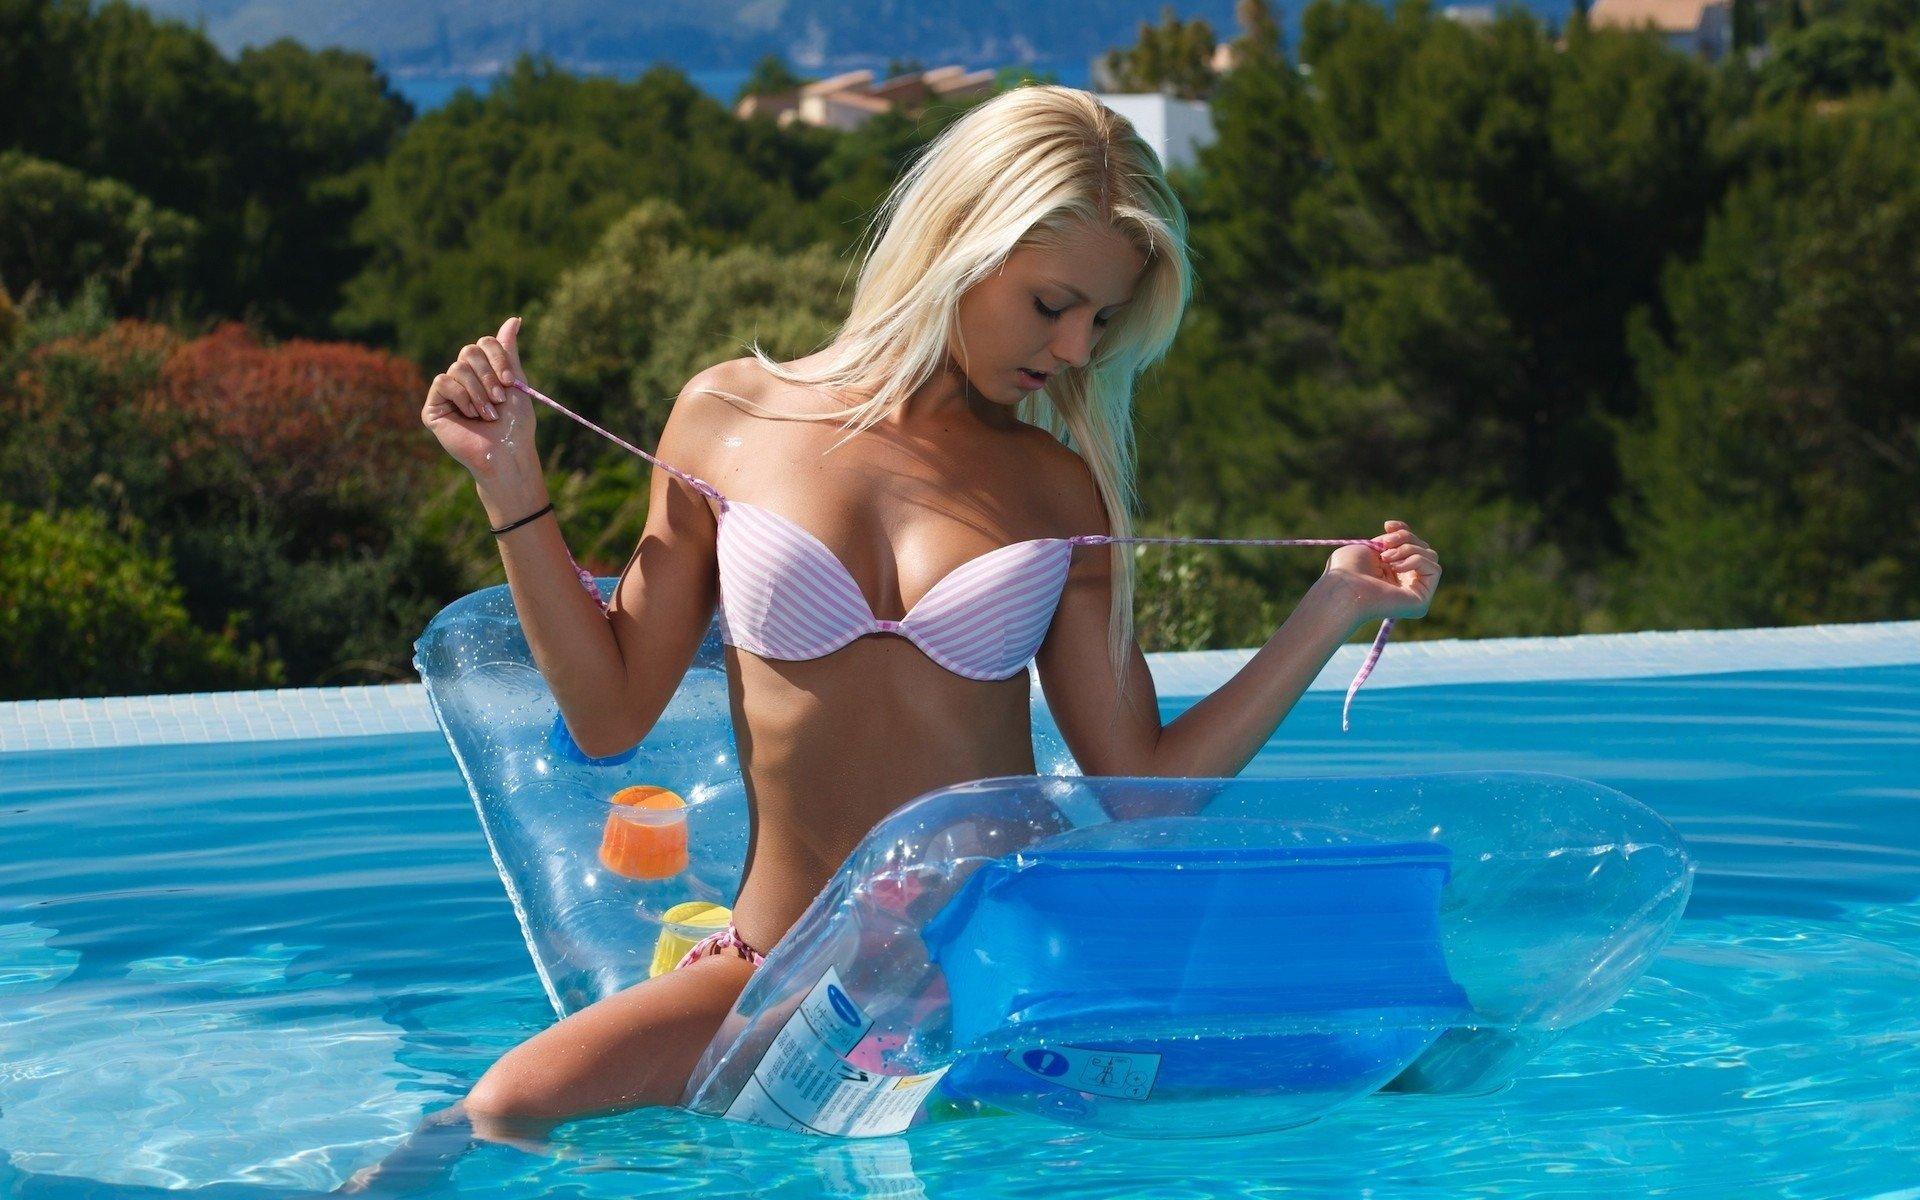 Фото красивых девушек блондинок в бикини 6 фотография